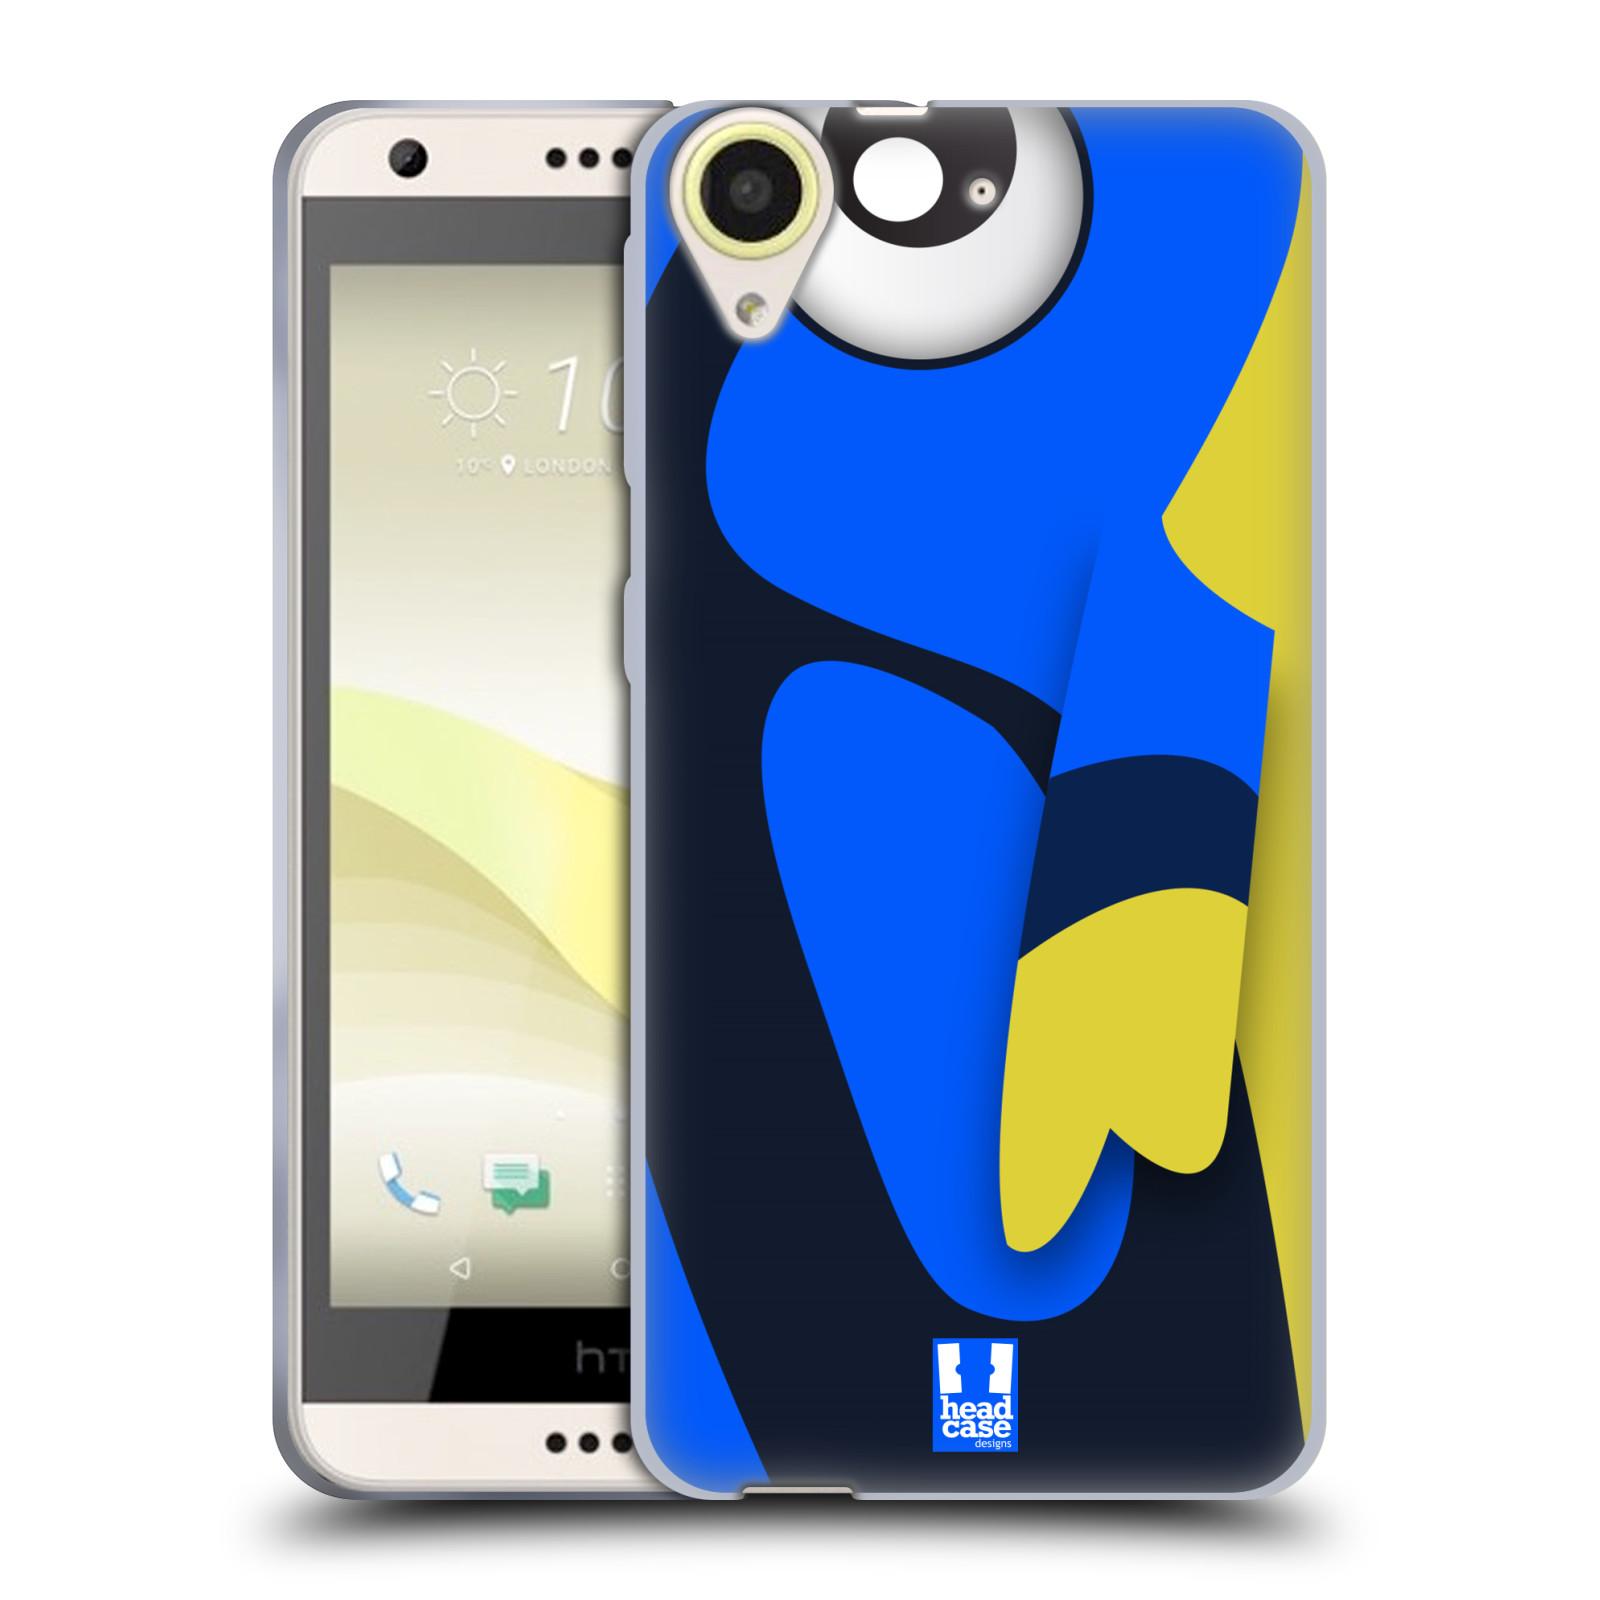 HEAD CASE silikonový obal na mobil HTC Desire 650 vzor Rybičky z profilu modrá a žlutá Dory